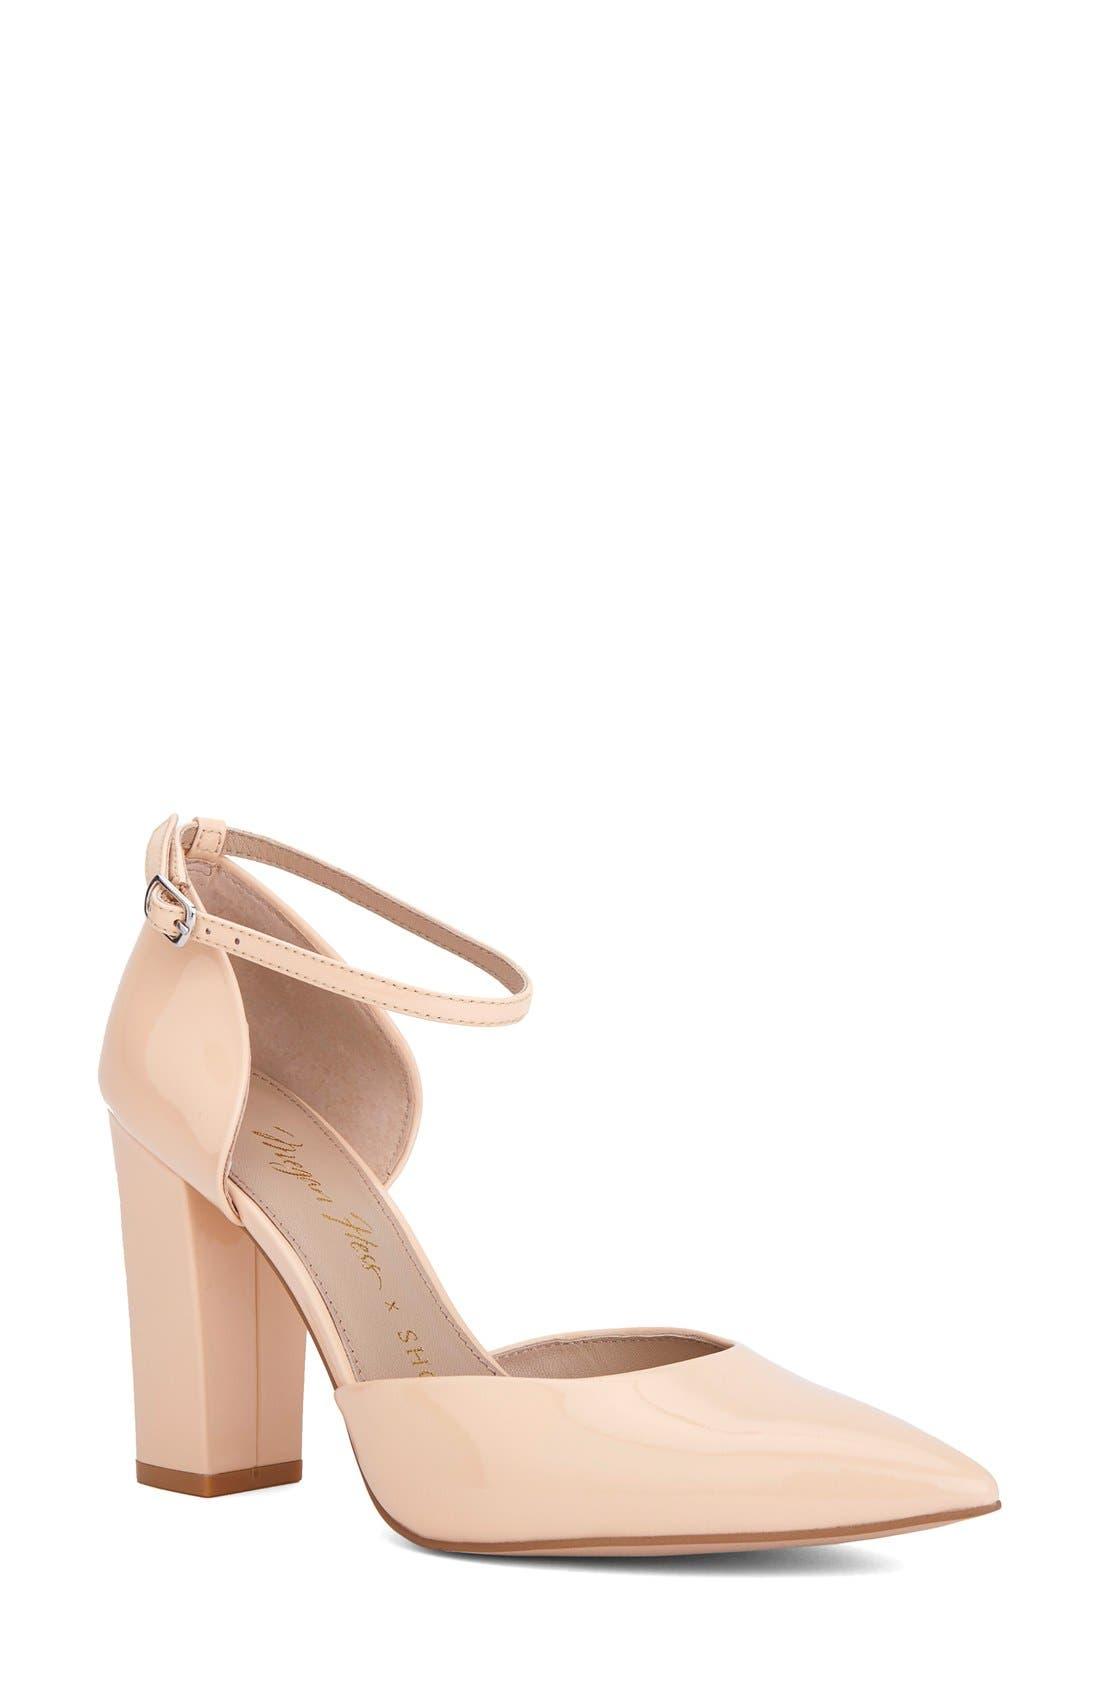 Alternate Image 1 Selected - Shoes of Prey x Megan Hess Fleur-de-lis Collection Pump (Women)